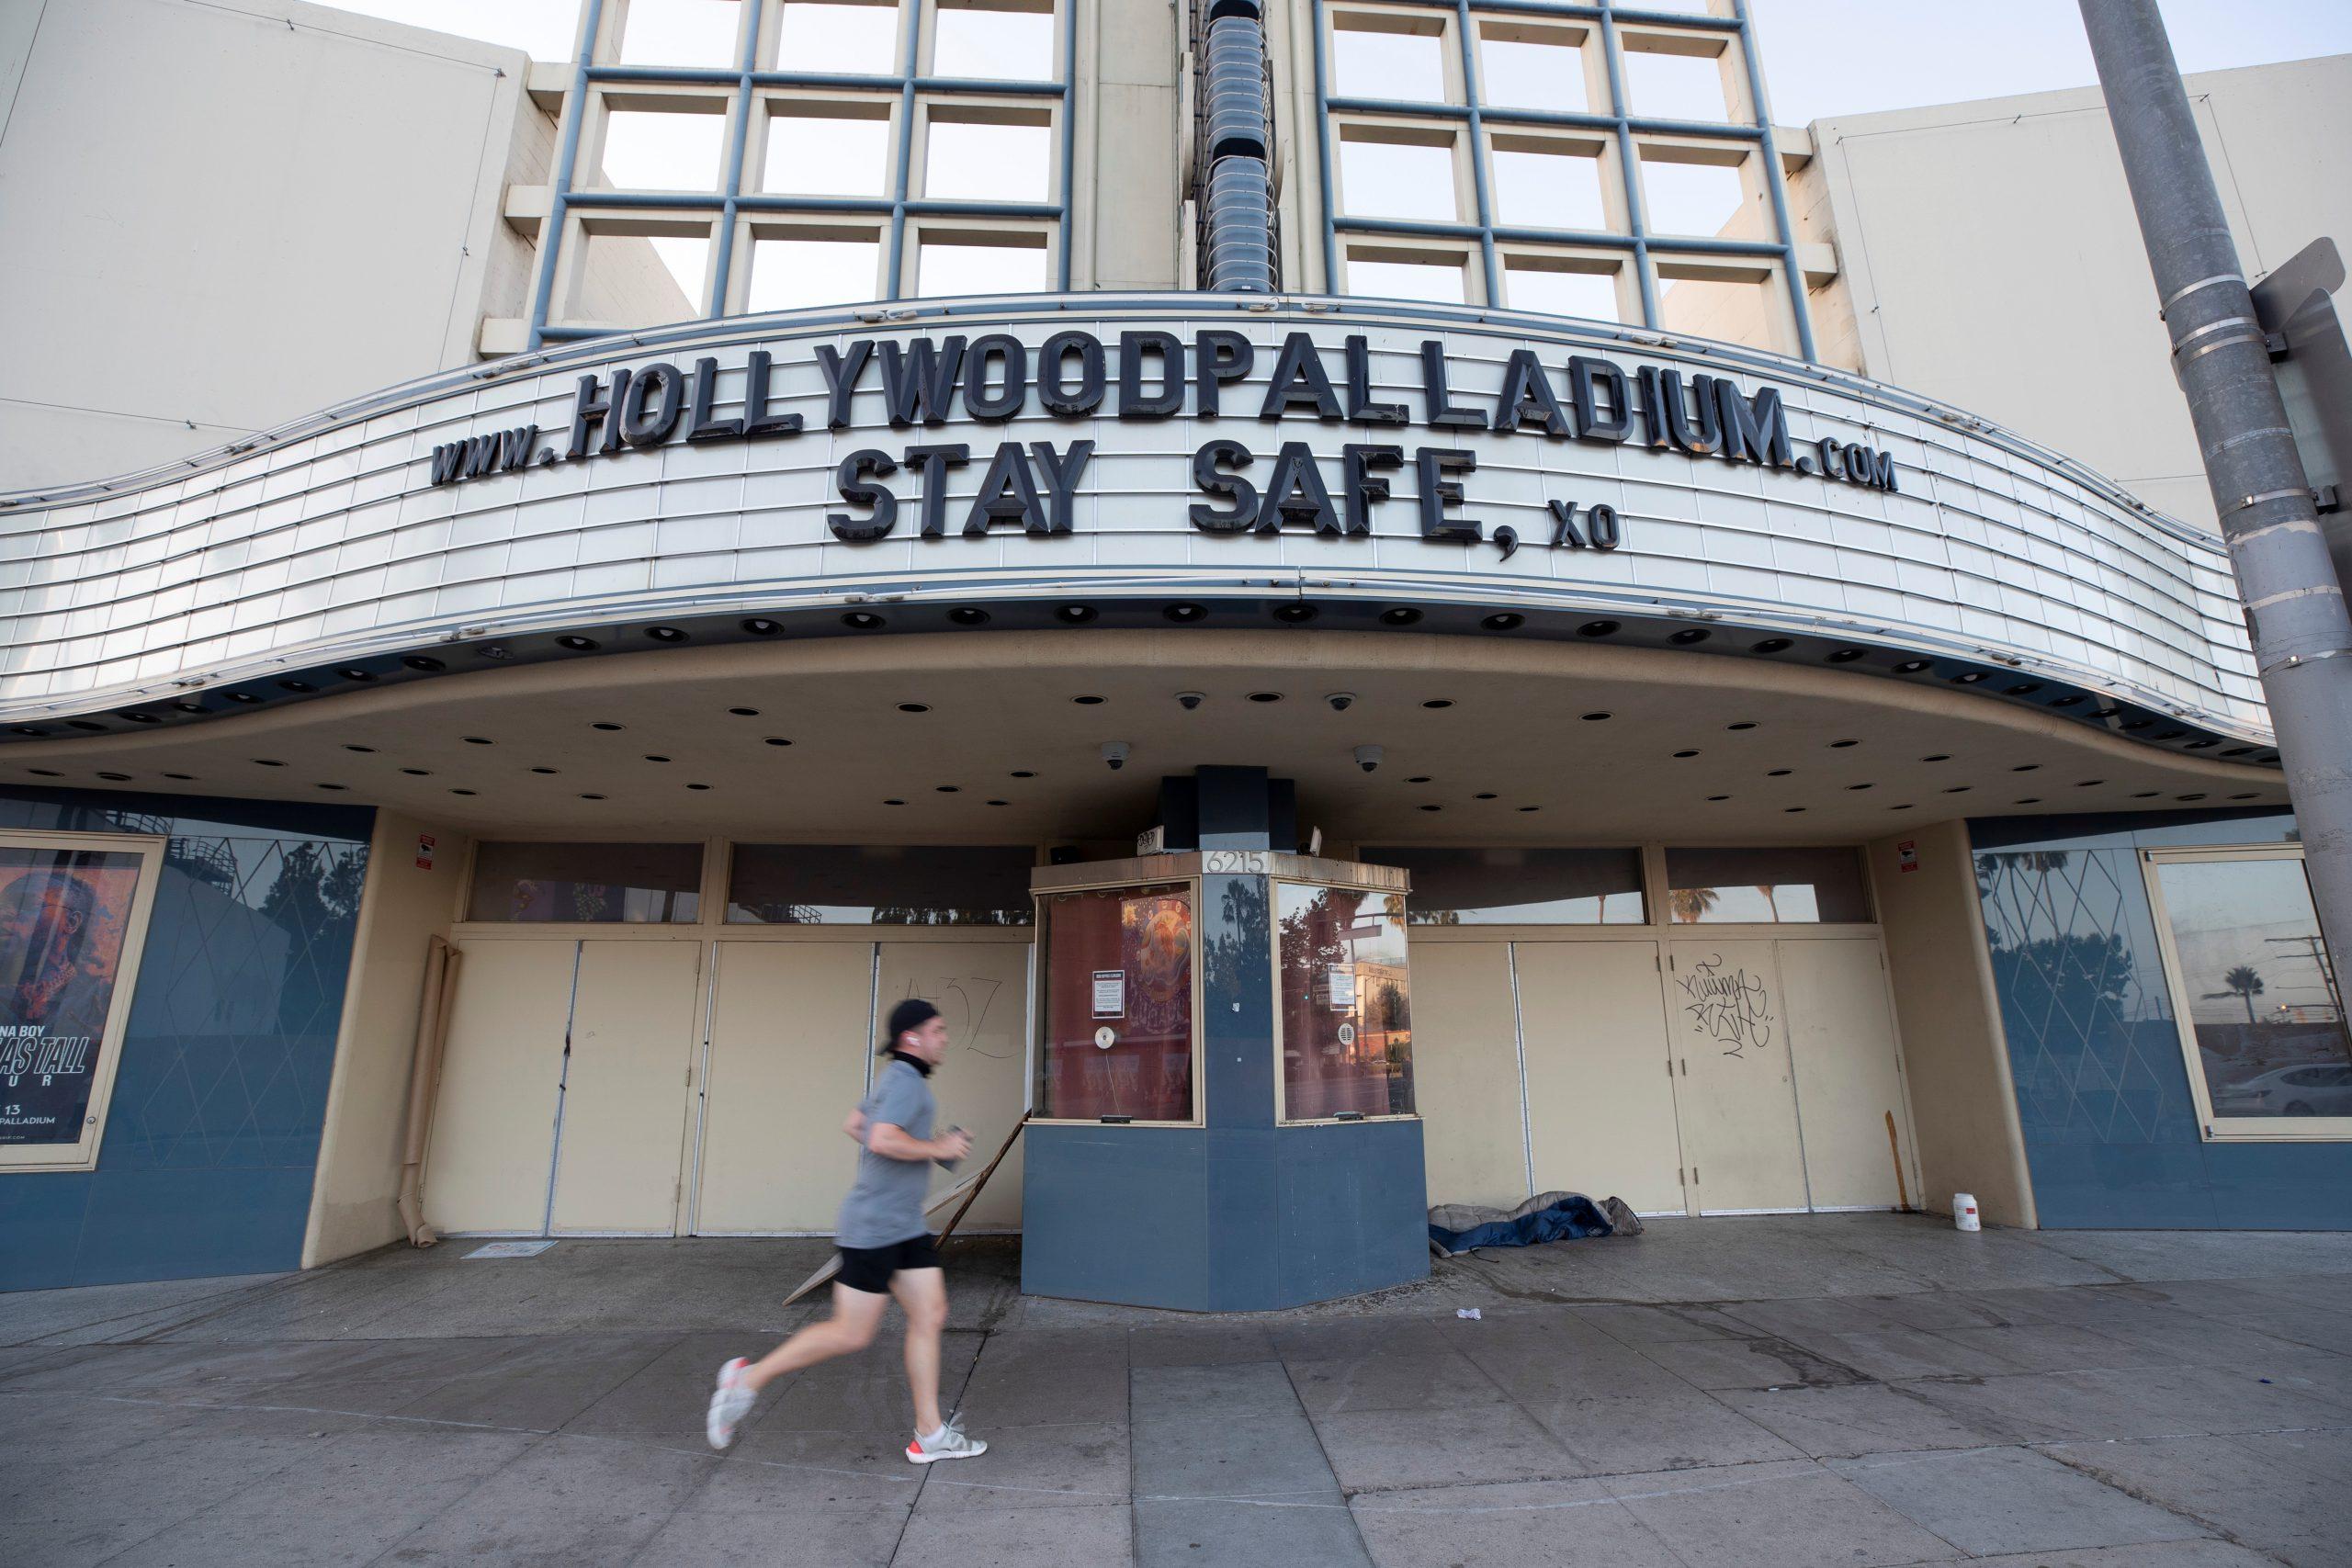 El alcalde de Los Ángeles reconoce la reapertura de la ciudad a medida que aumentan los brotes de coronavirus